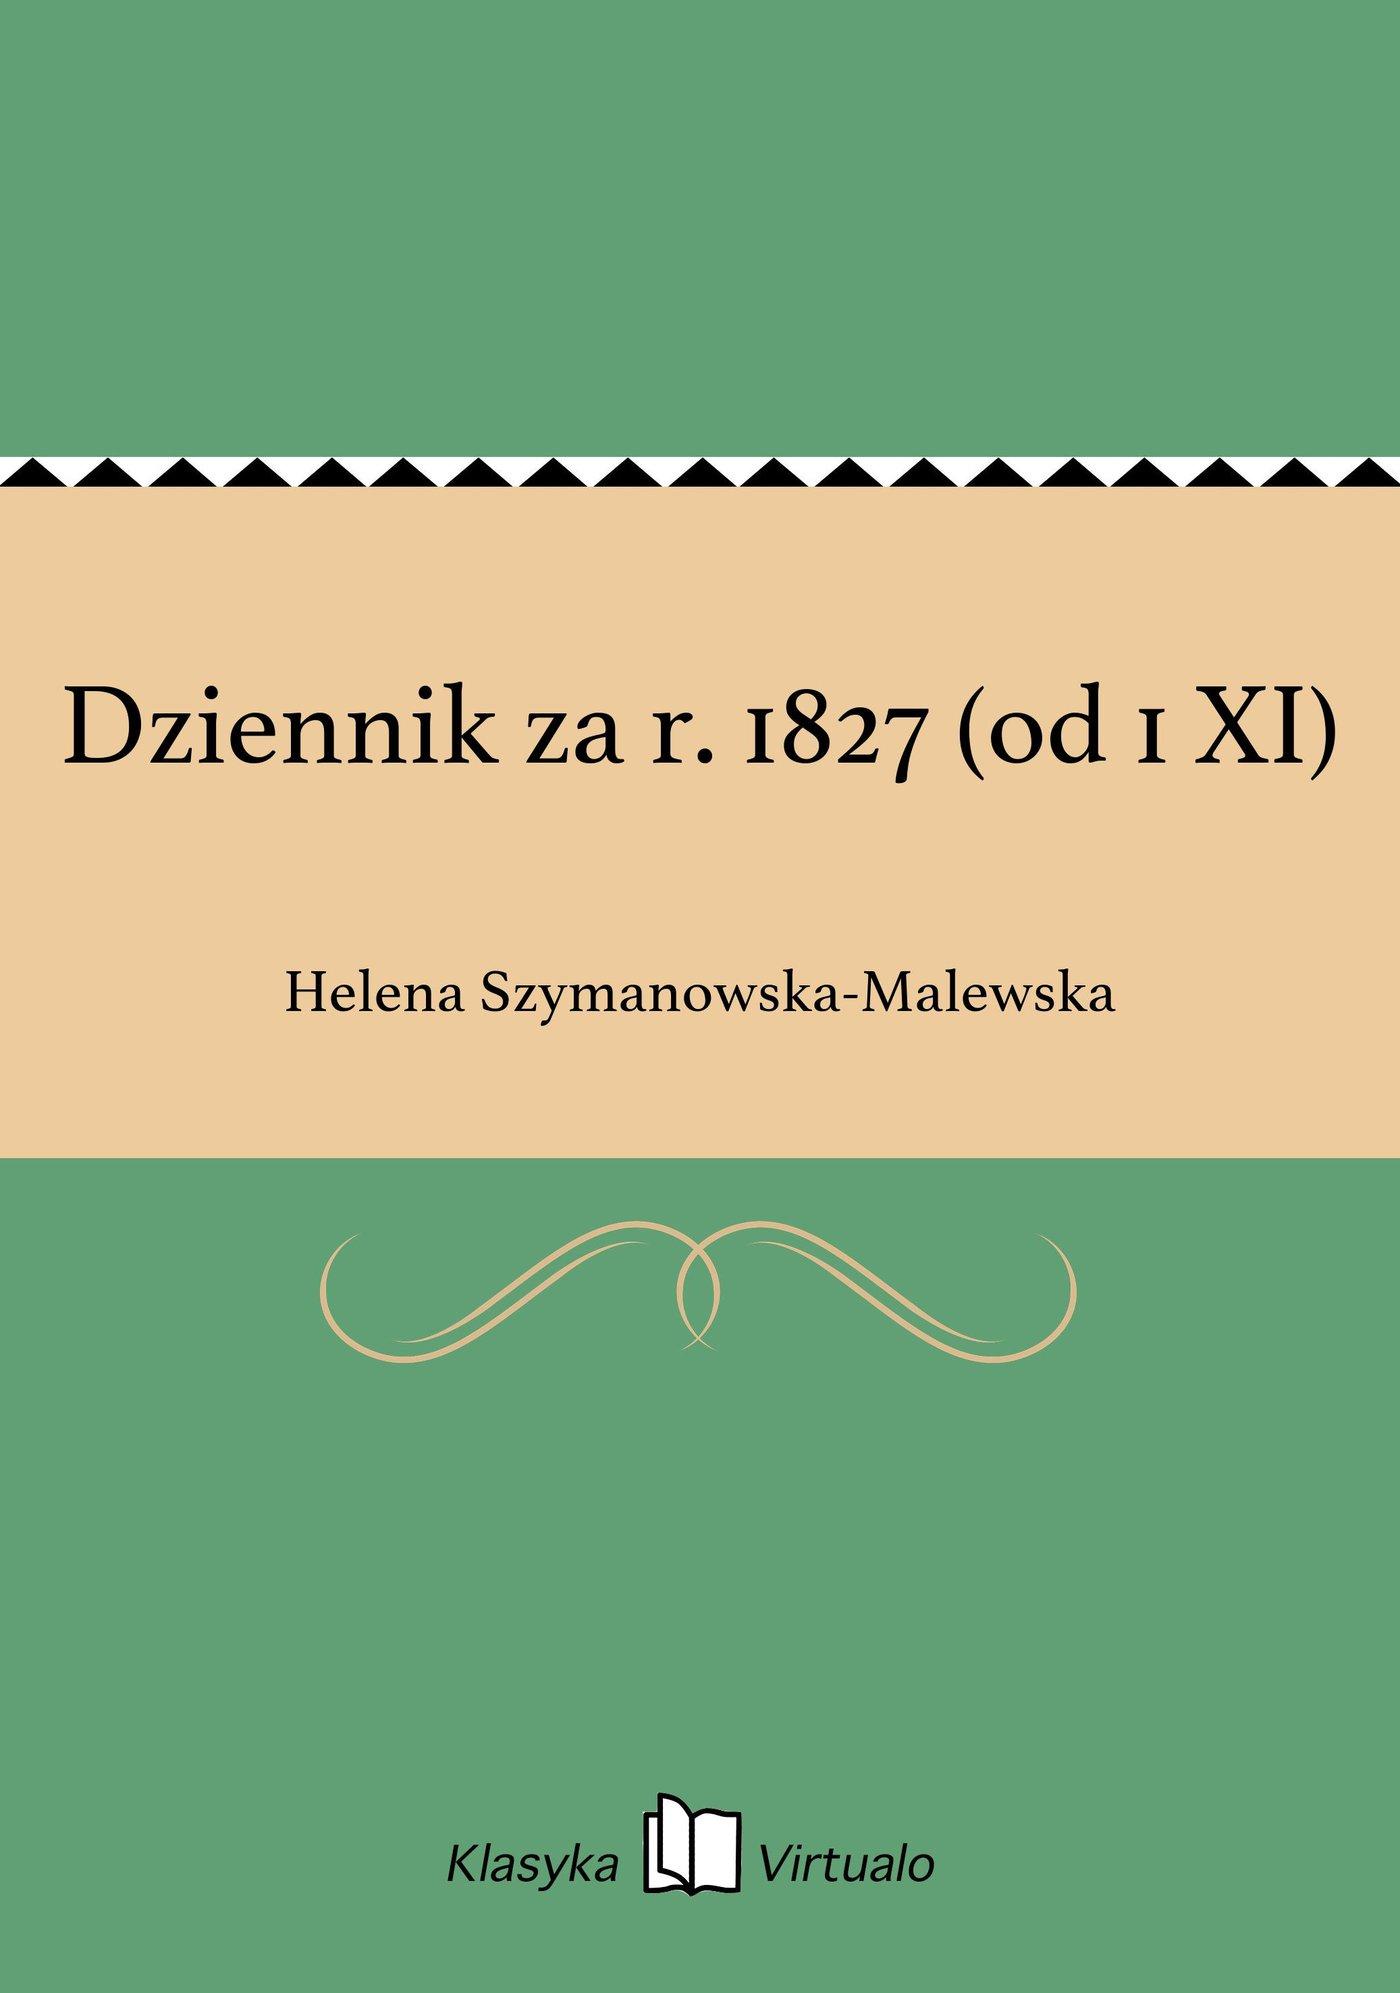 Dziennik za r. 1827 (od 1 XI) - Ebook (Książka EPUB) do pobrania w formacie EPUB